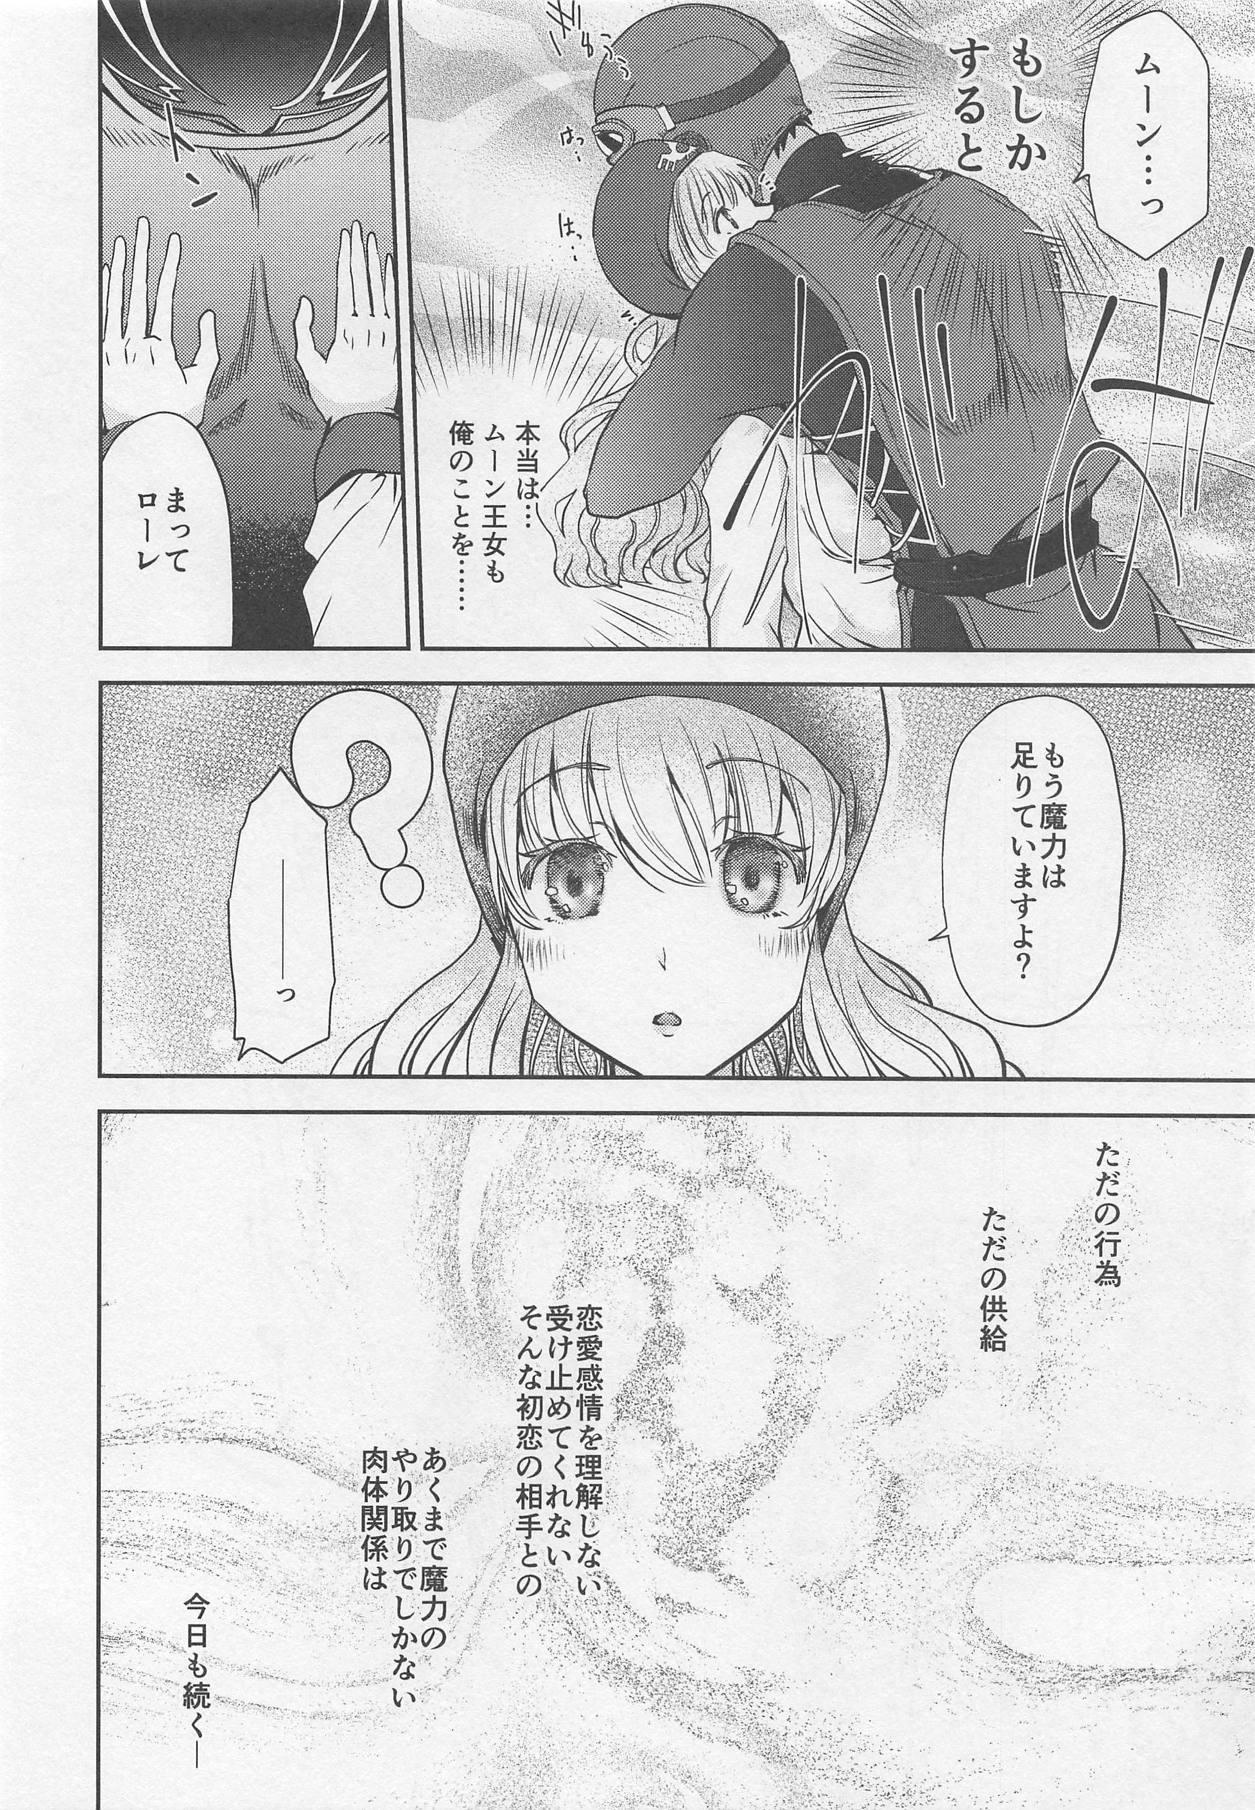 Moonbrooke Oujo to Maryoku Kyoukyuu 16